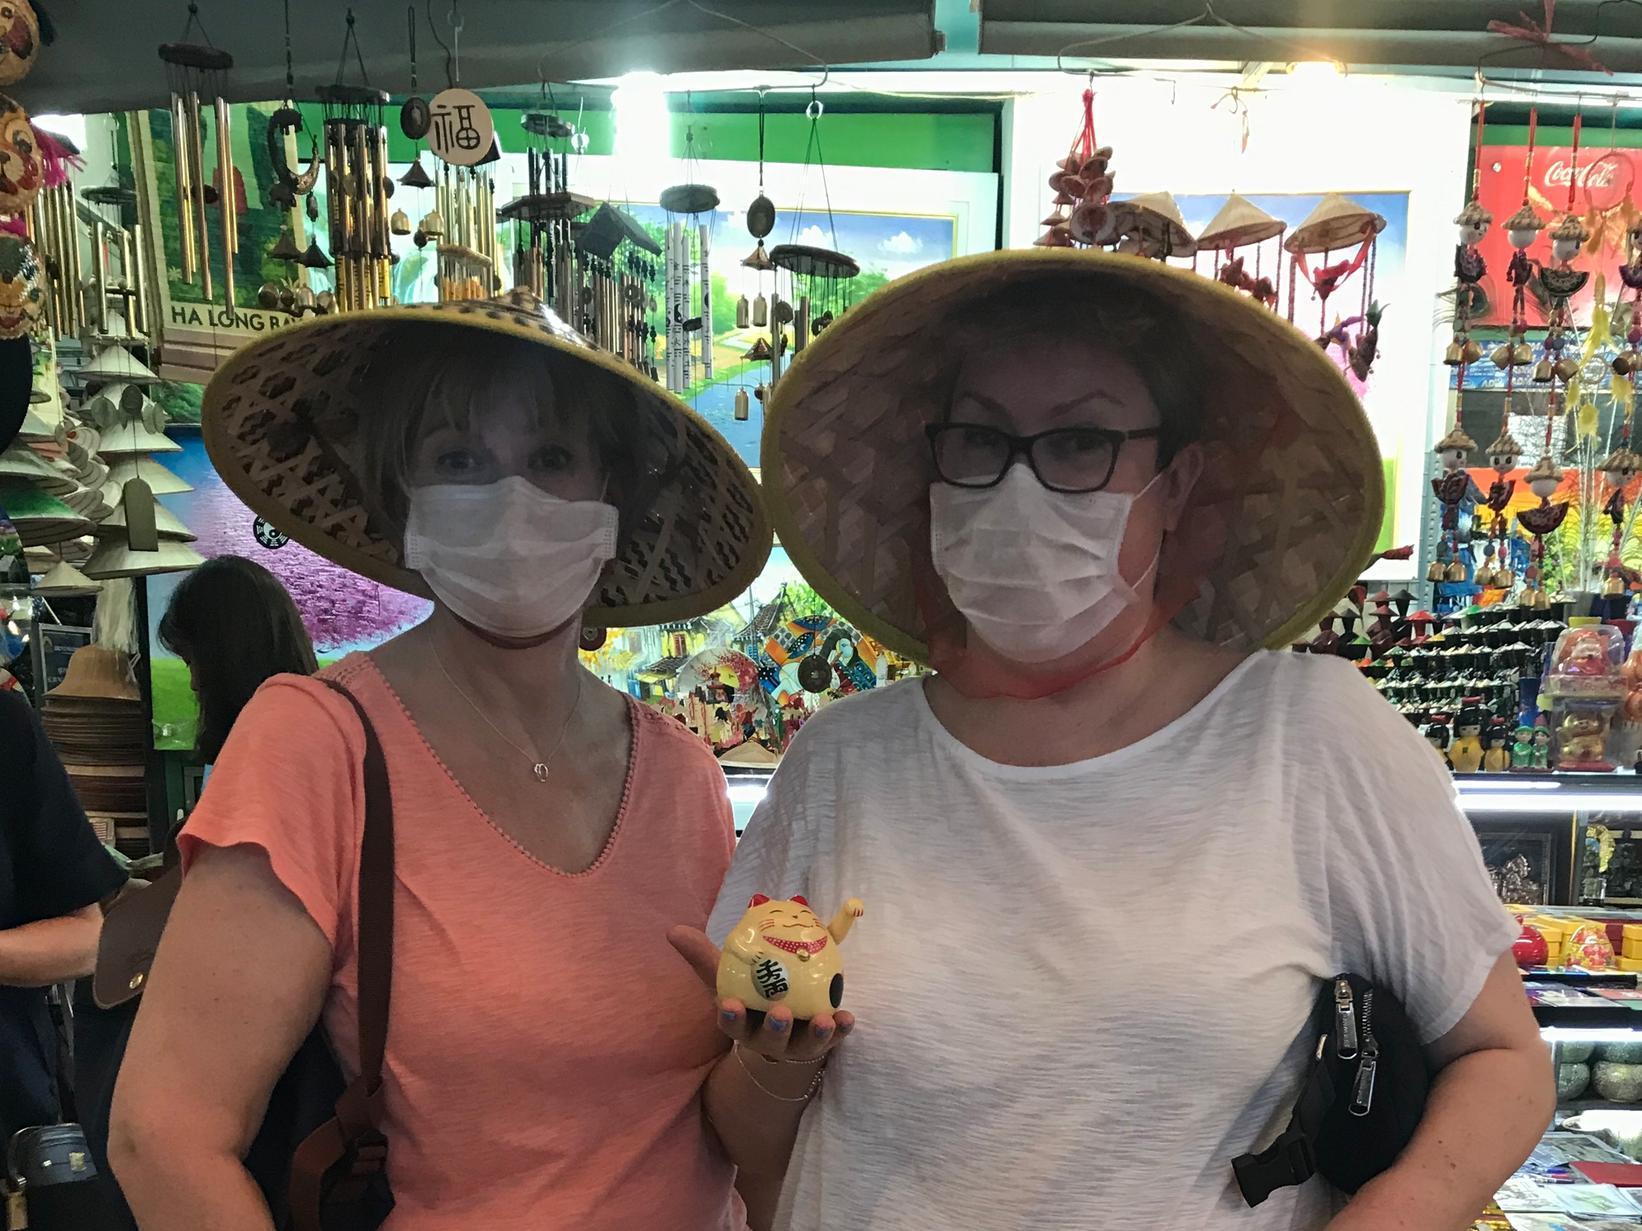 Tất cả các chuyến bay bị hủy, hai phụ nữ đến từ Northampton, Anh Quốc bị kẹt ở Sài Gòn